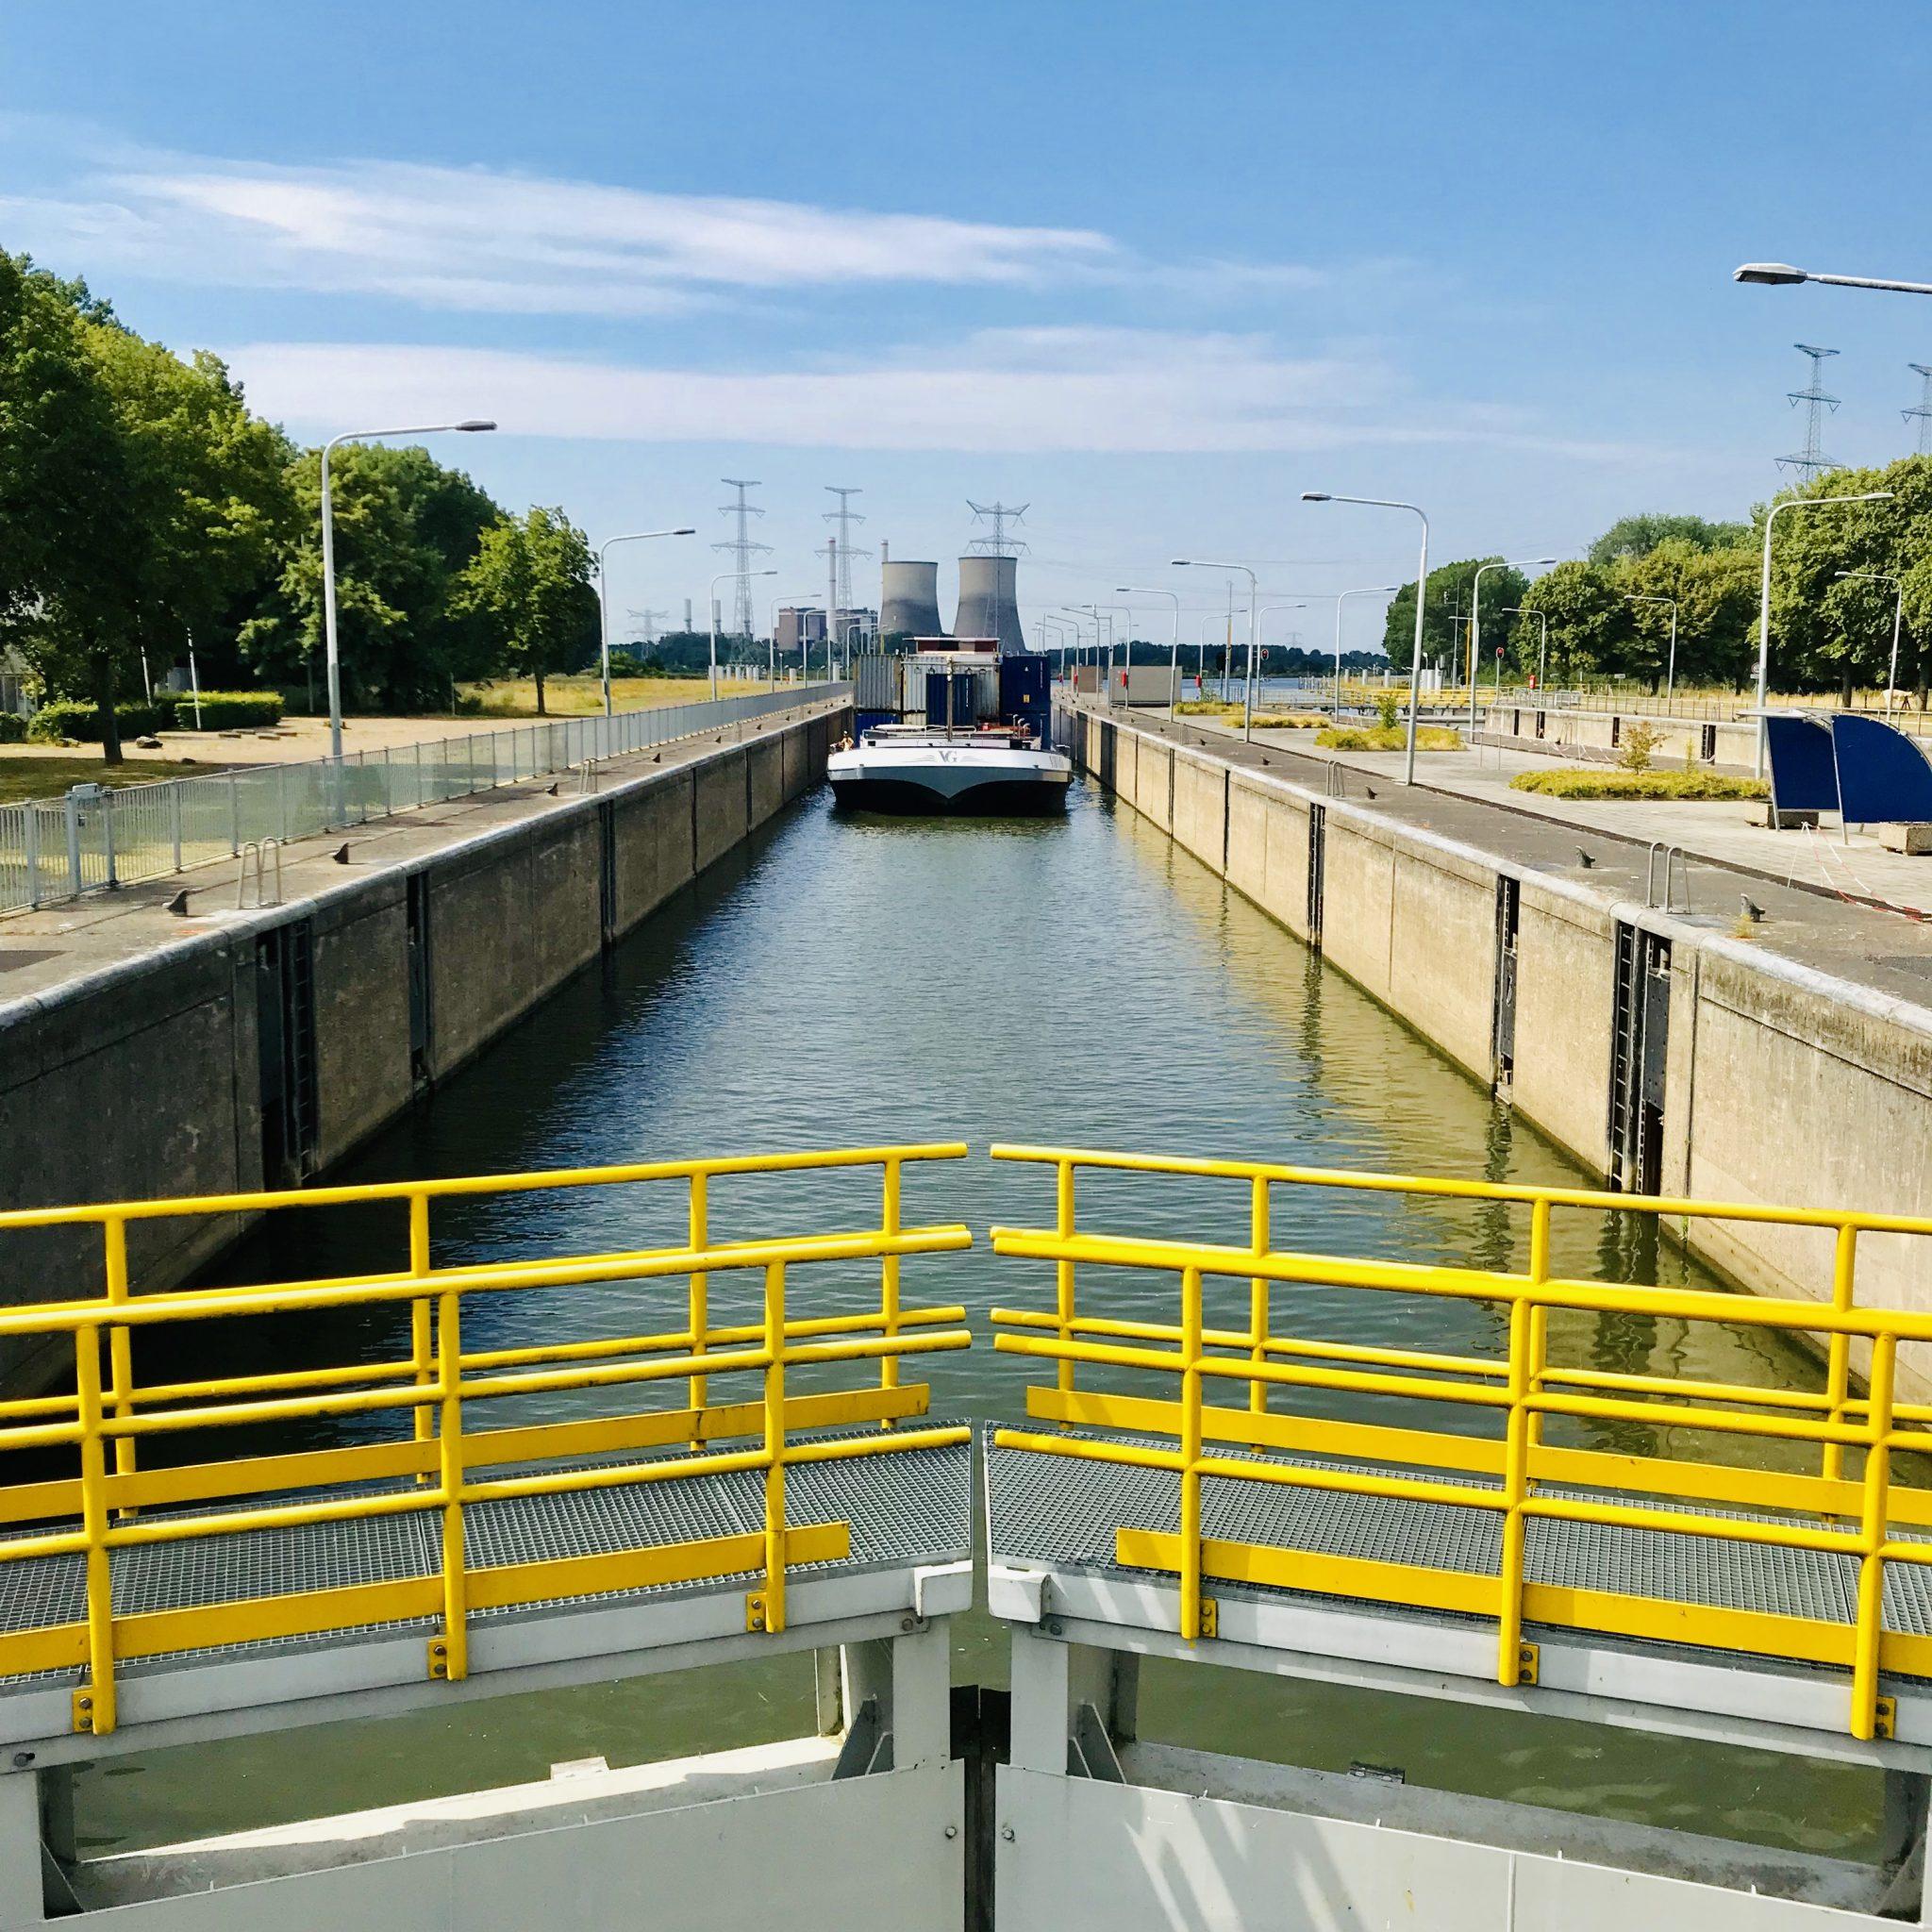 De Sluis in Heel wordt gebruikt om nieuwe systemen uit te testen (Foto Rijkswaterstaat)